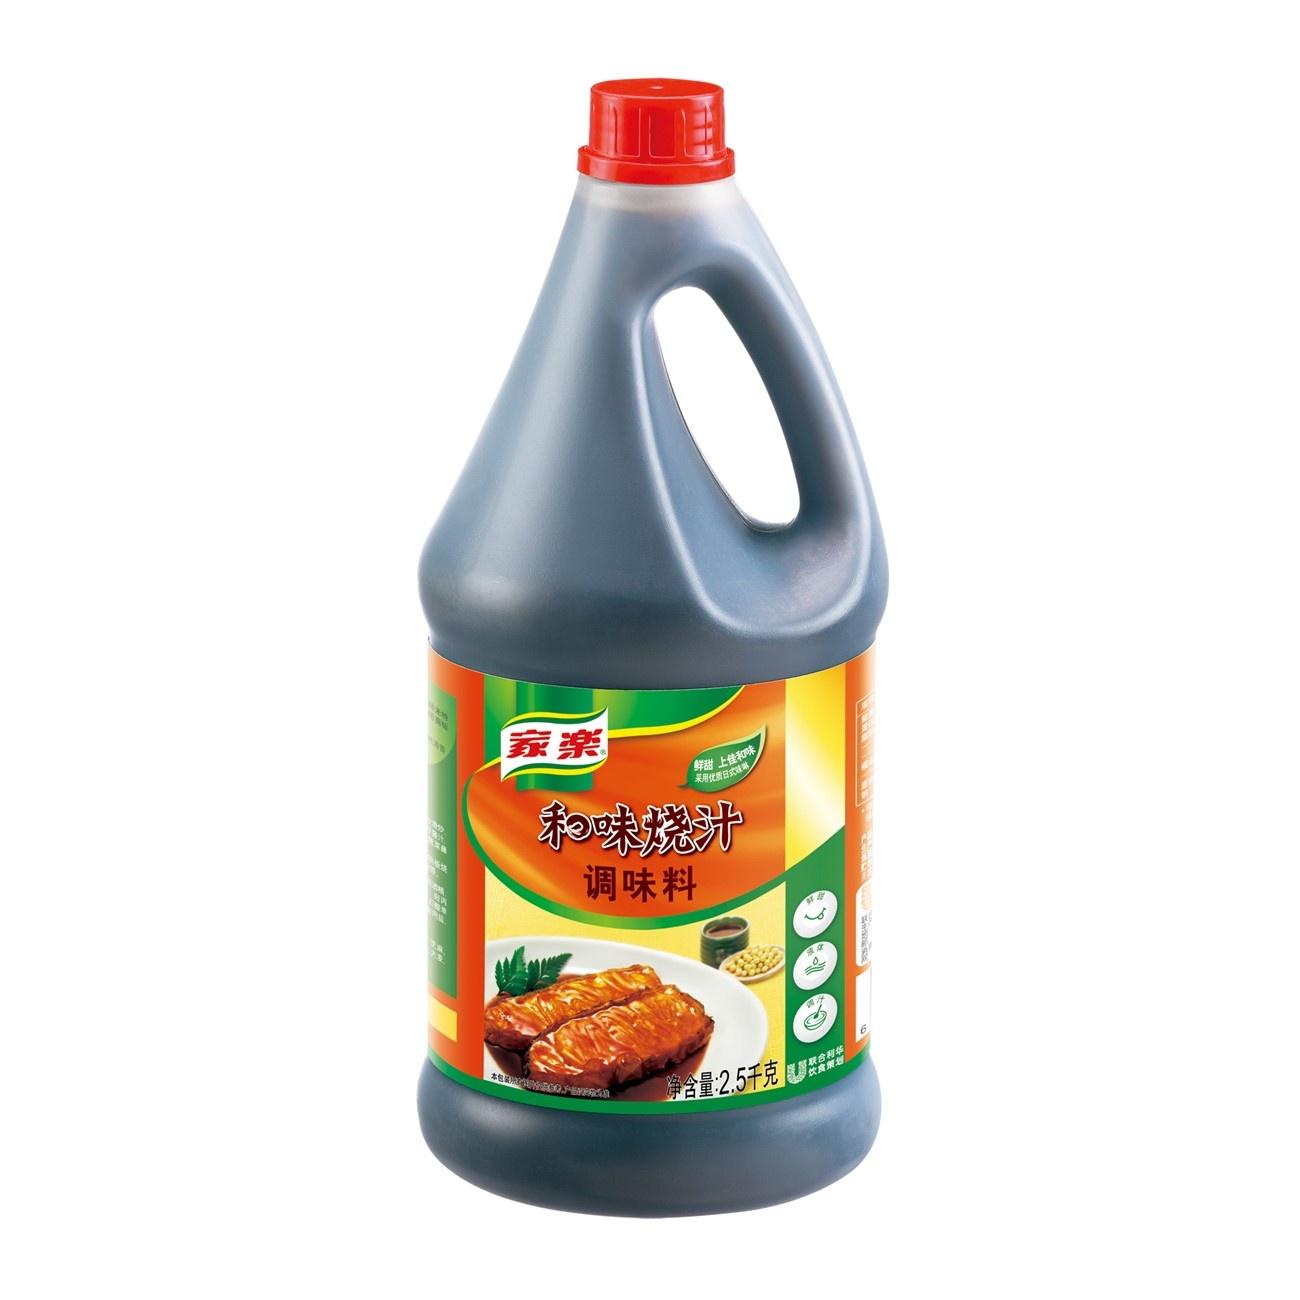 Molho Teriyaki Knorr Uso Profissional 2,05L   1 unidade